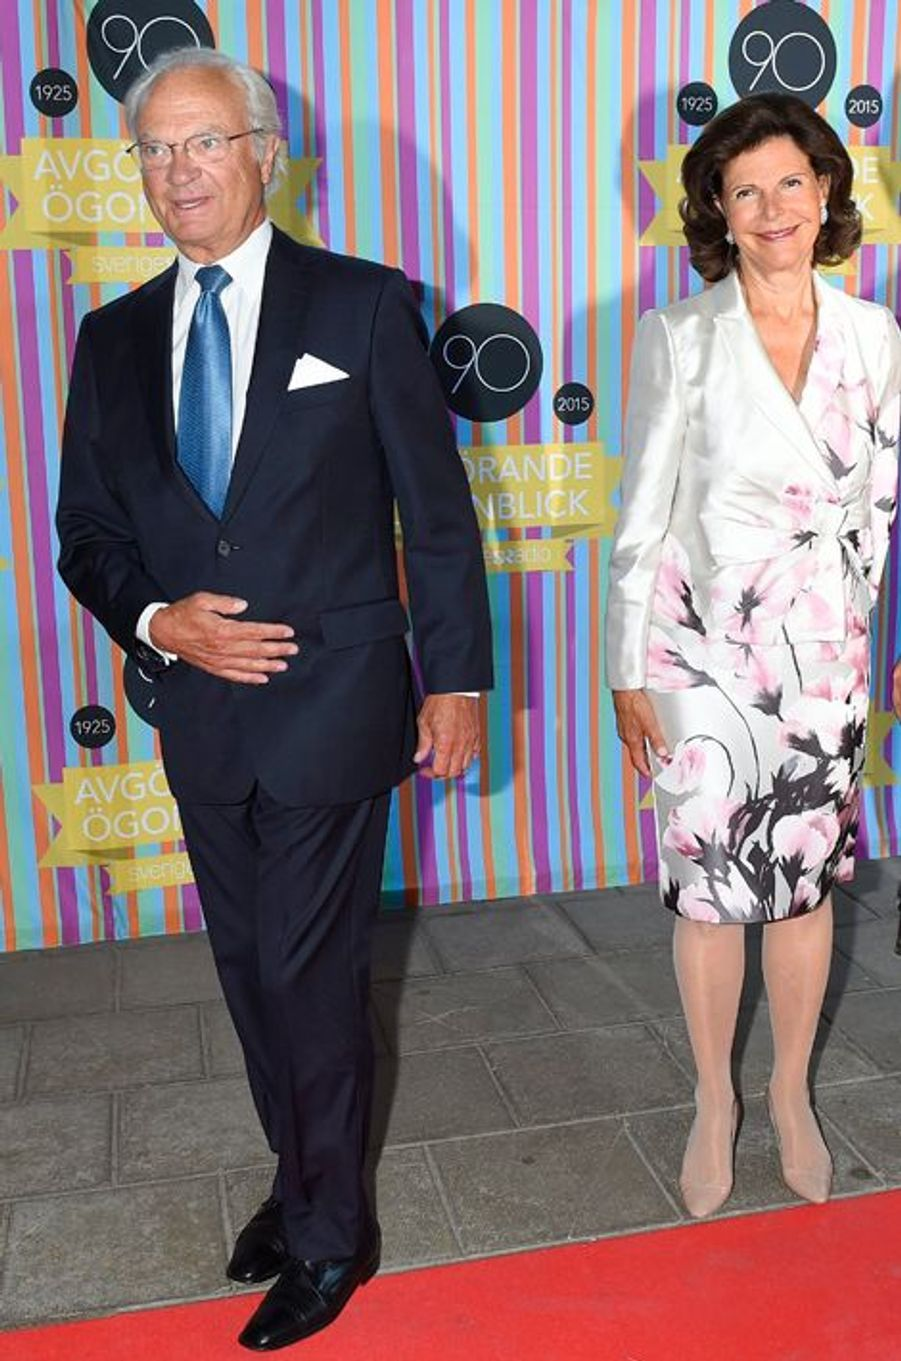 Le roi Carl XVI Gustaf de Suède et la reine Silvia à Stockholm, le 21 août 2015